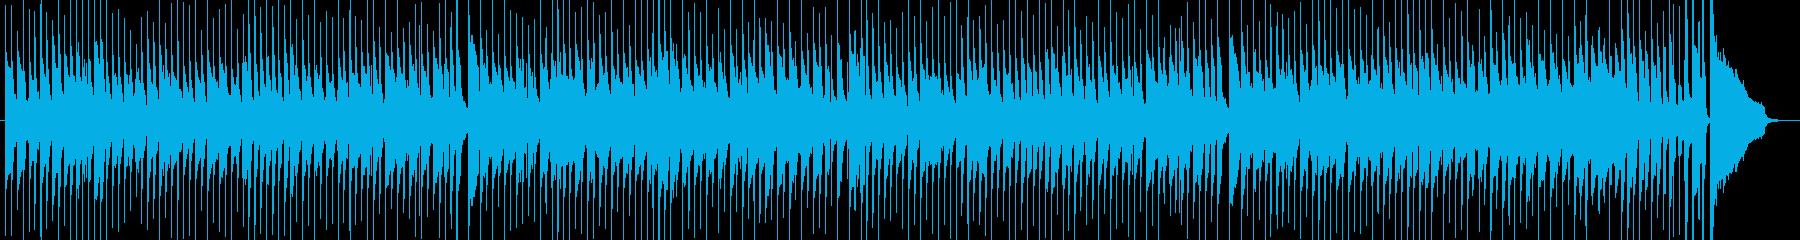 クリスマスの定番!単純明快なジングルベルの再生済みの波形